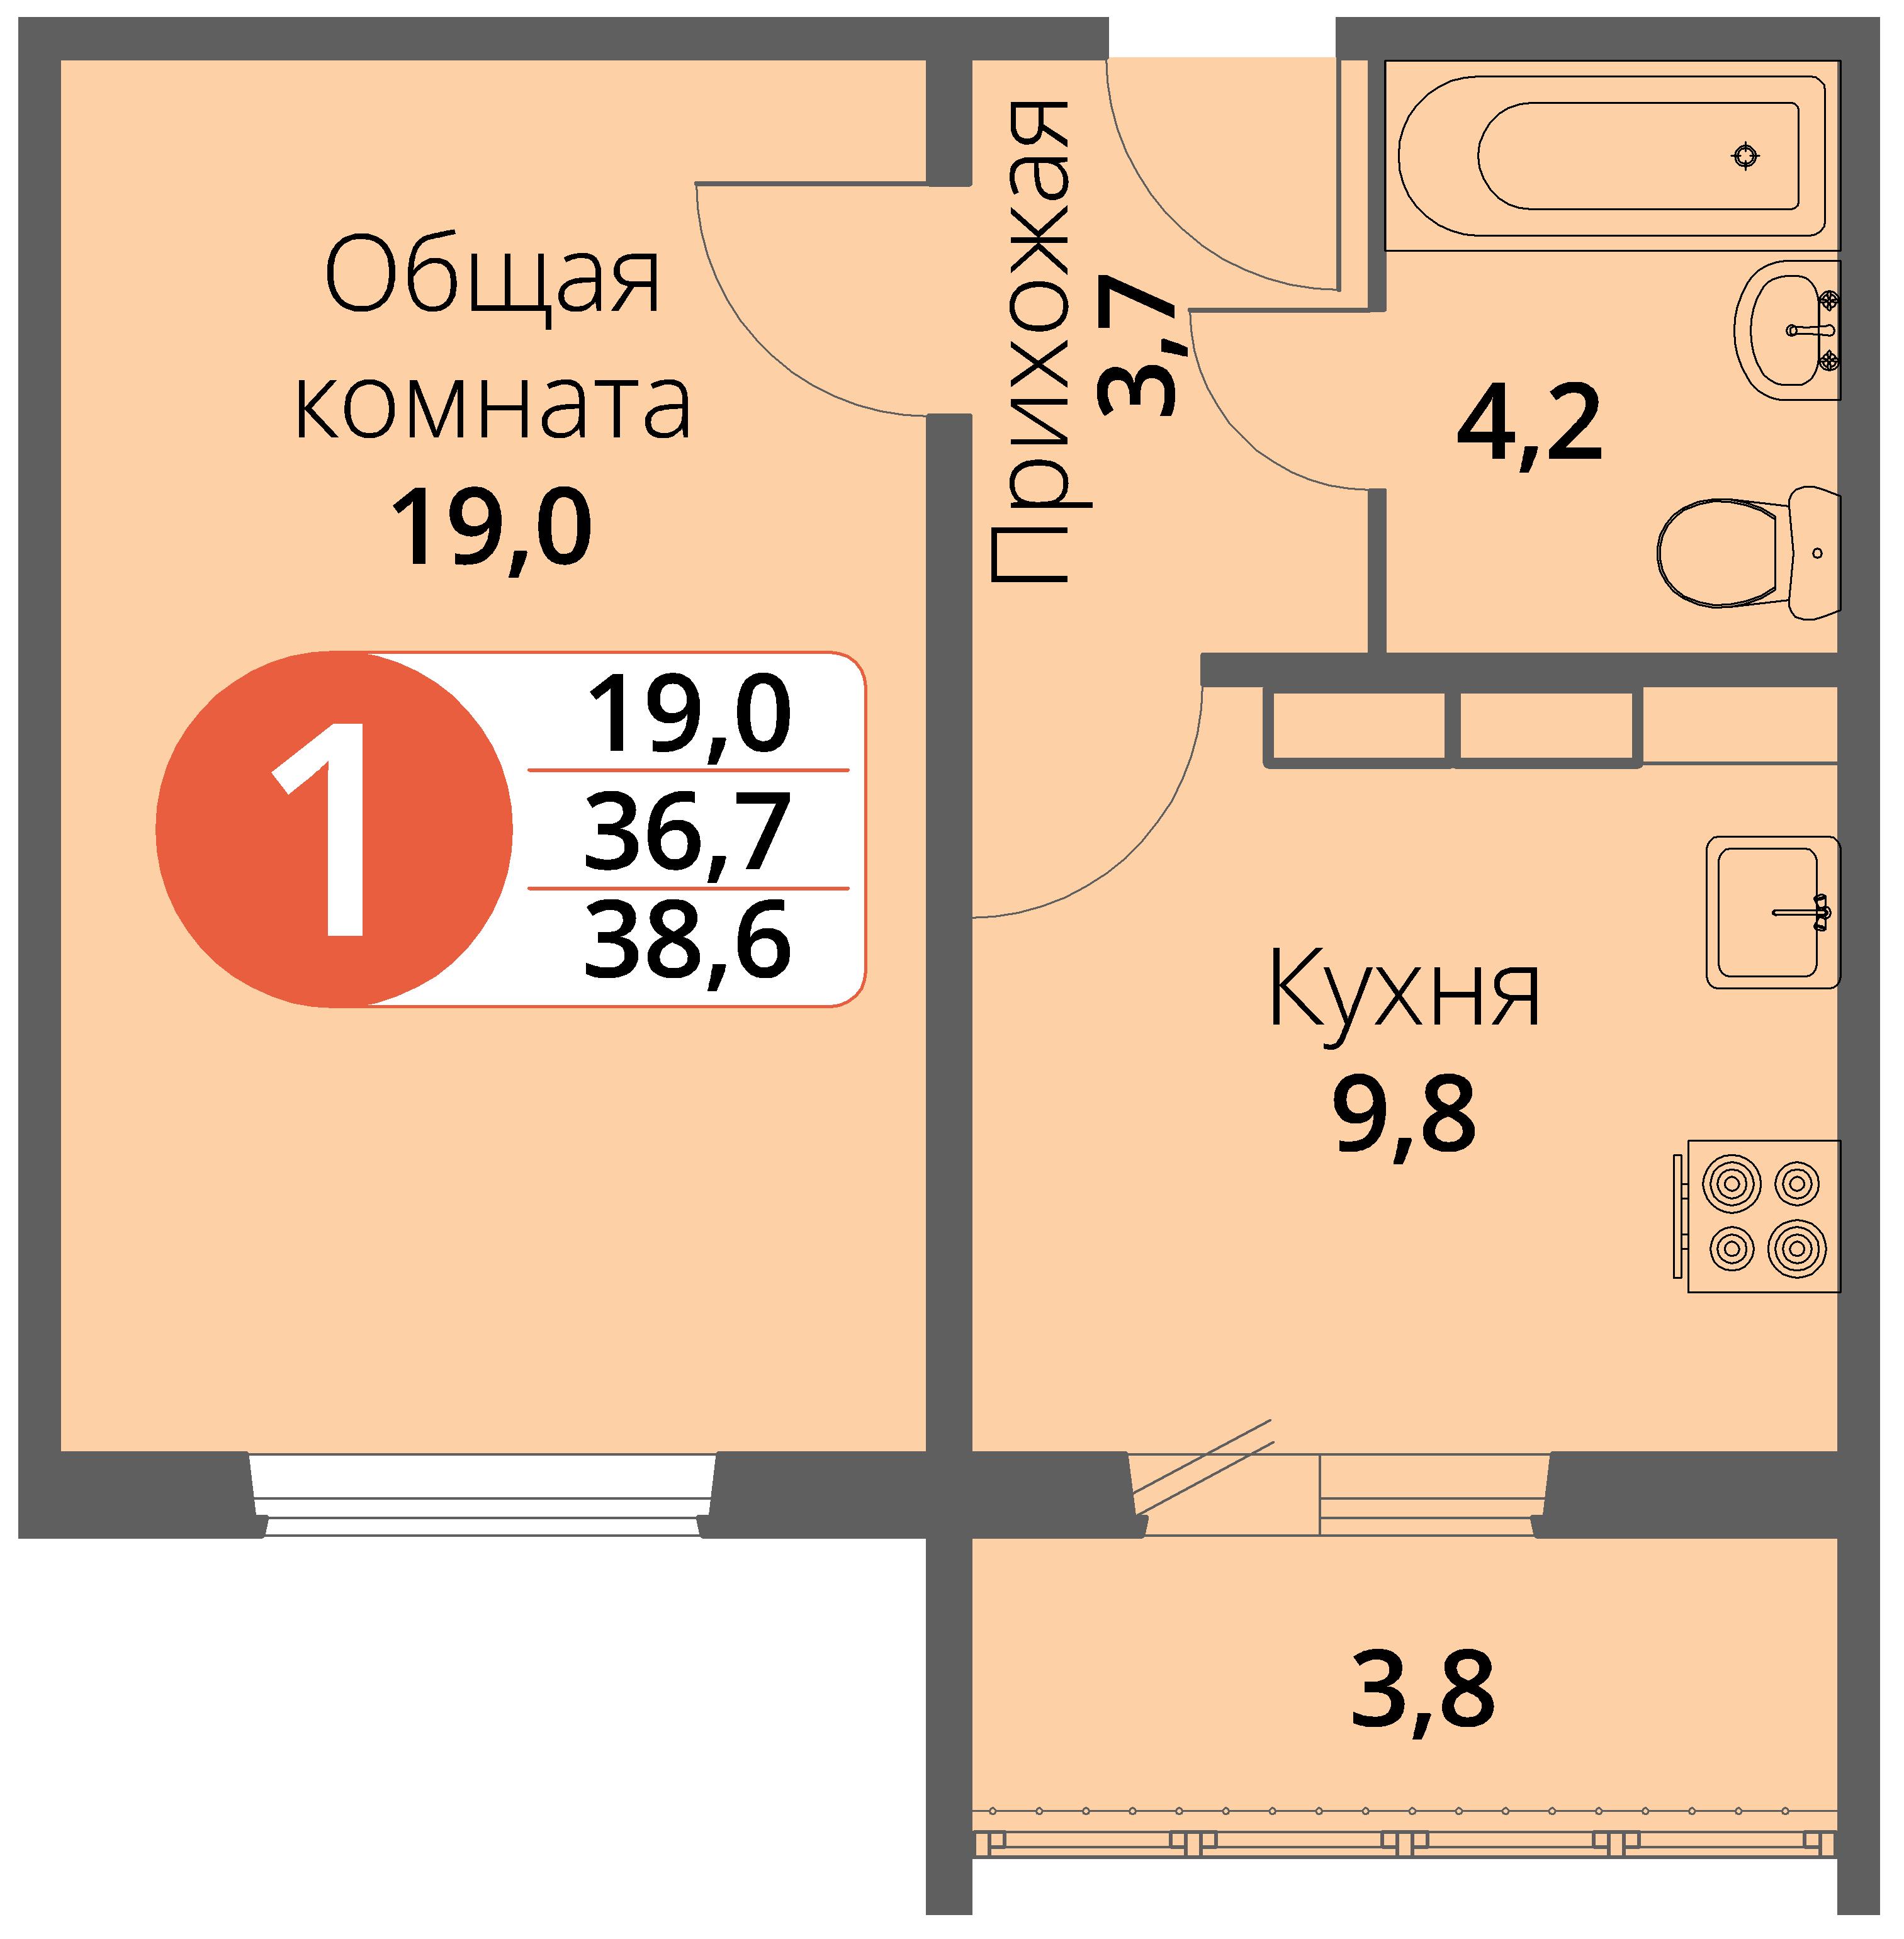 Зареченская 1-2, квартира 129 - Однокомнатная